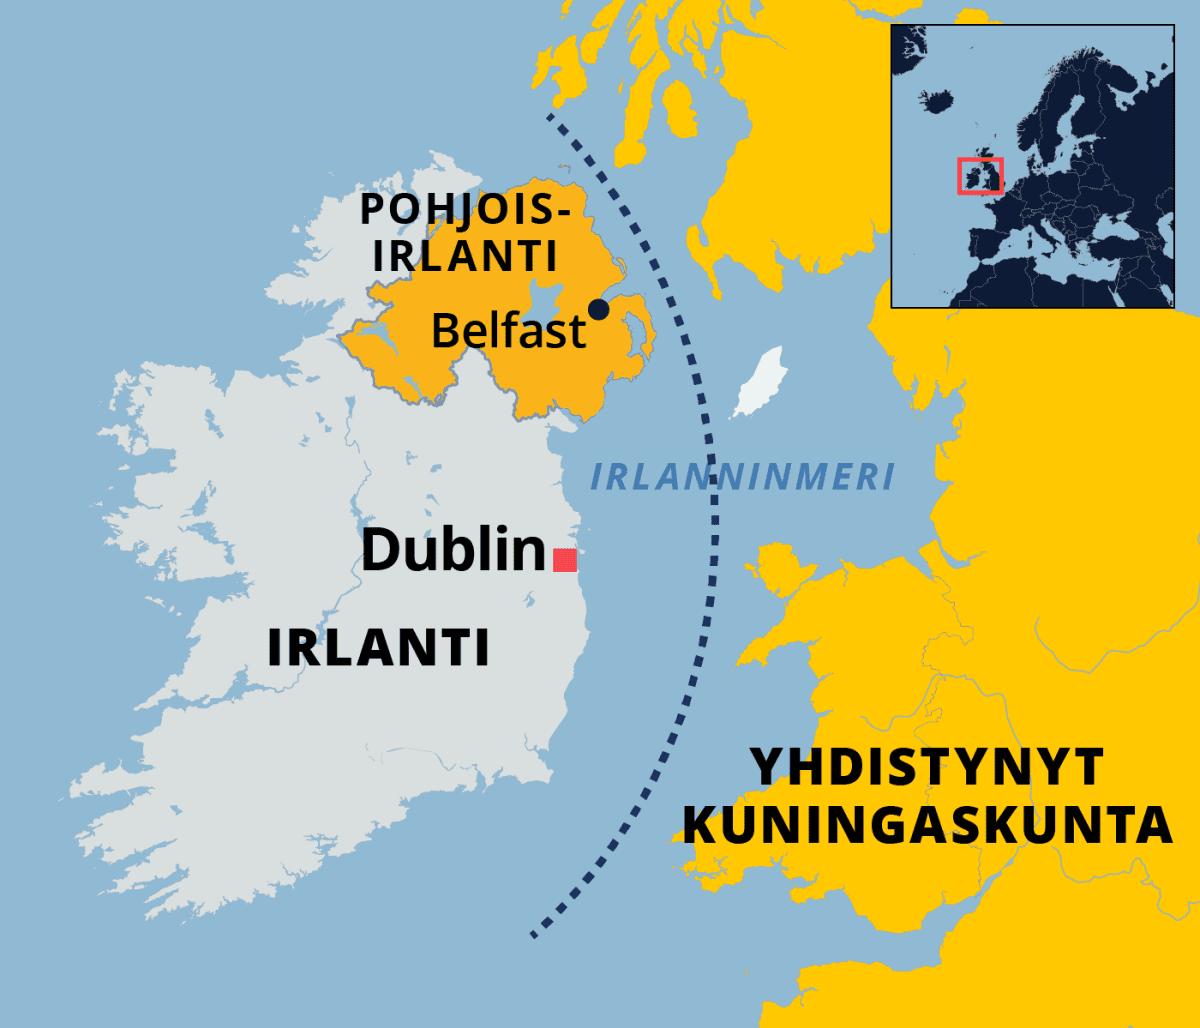 Kartta Pohjois-Irlannista ja Irlanninmerellä olevasta Irlannin ja Yhdistyneen kuningaskunnan välisestä merirajasta.